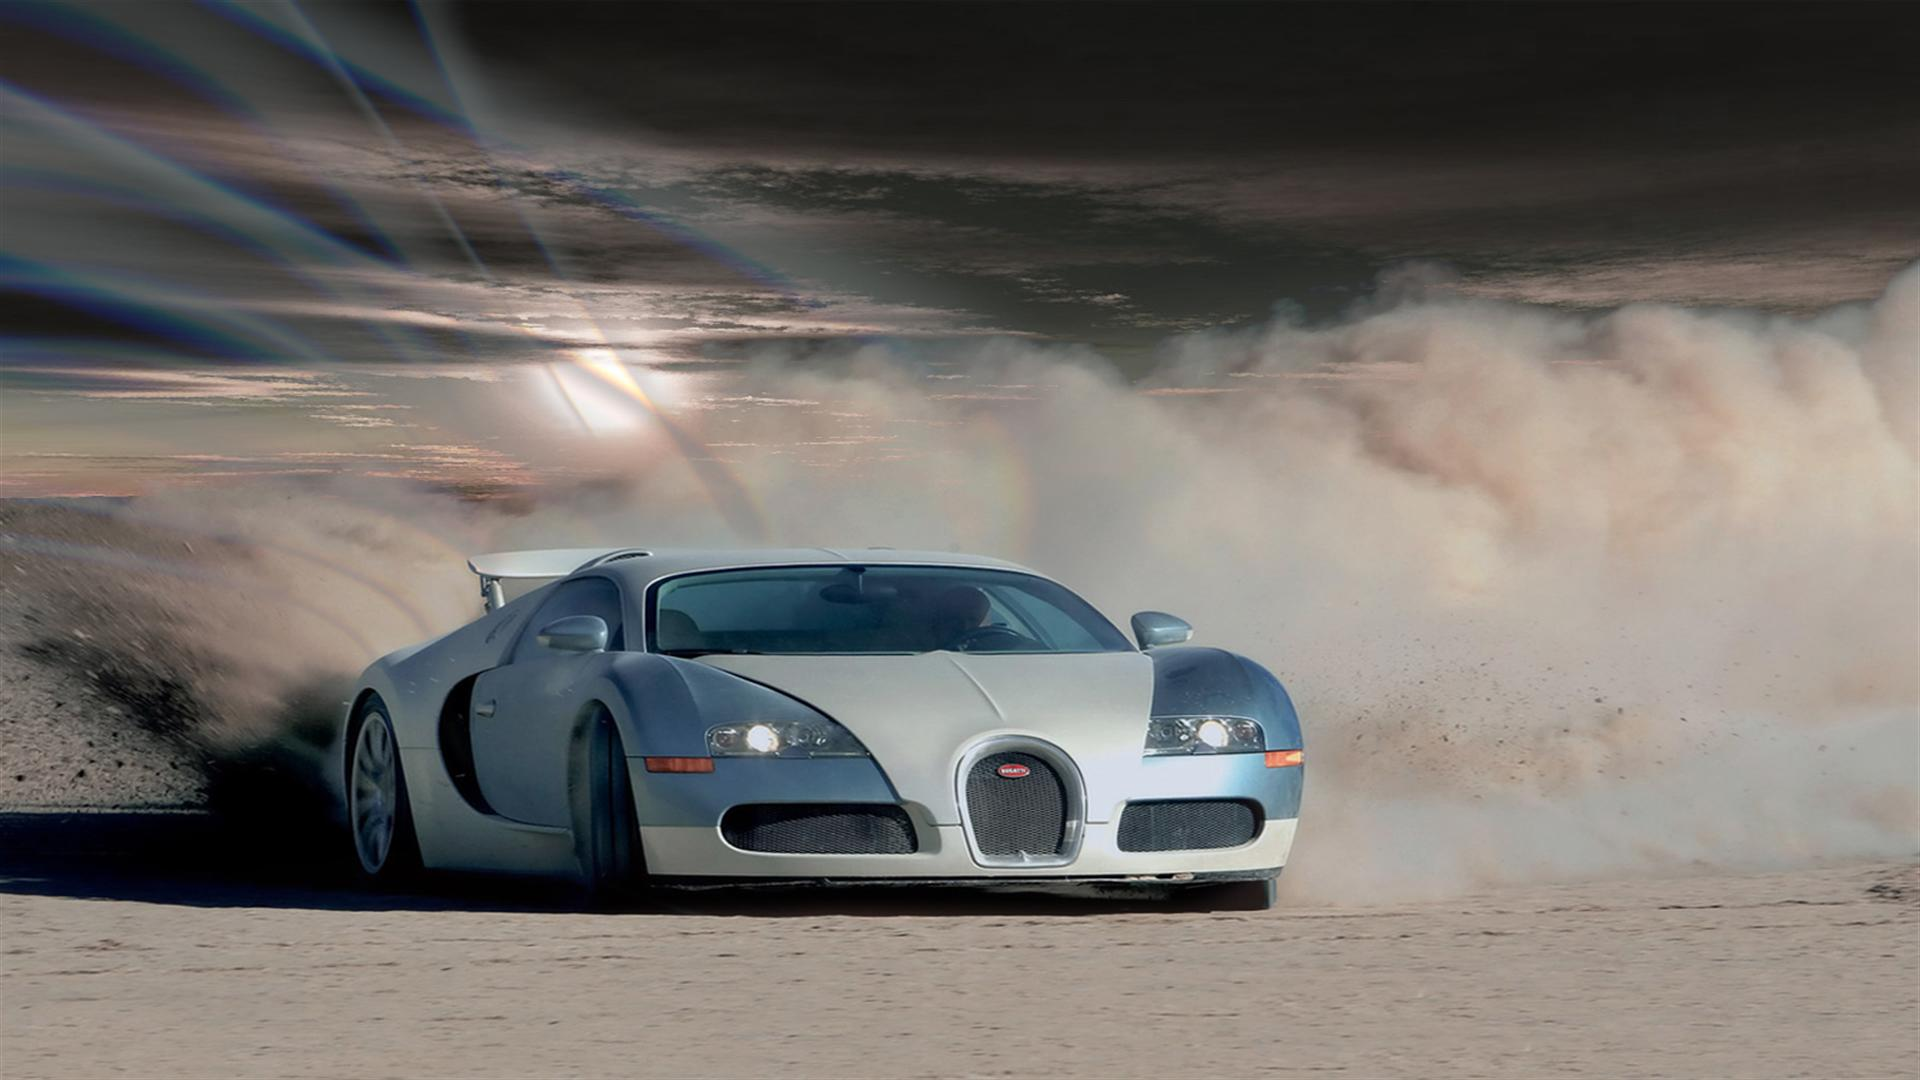 Đừng tưởng mua siêu xe Bugatti Veyron là sướng, chi phí nuôi nó khủng khiếp thế này đây